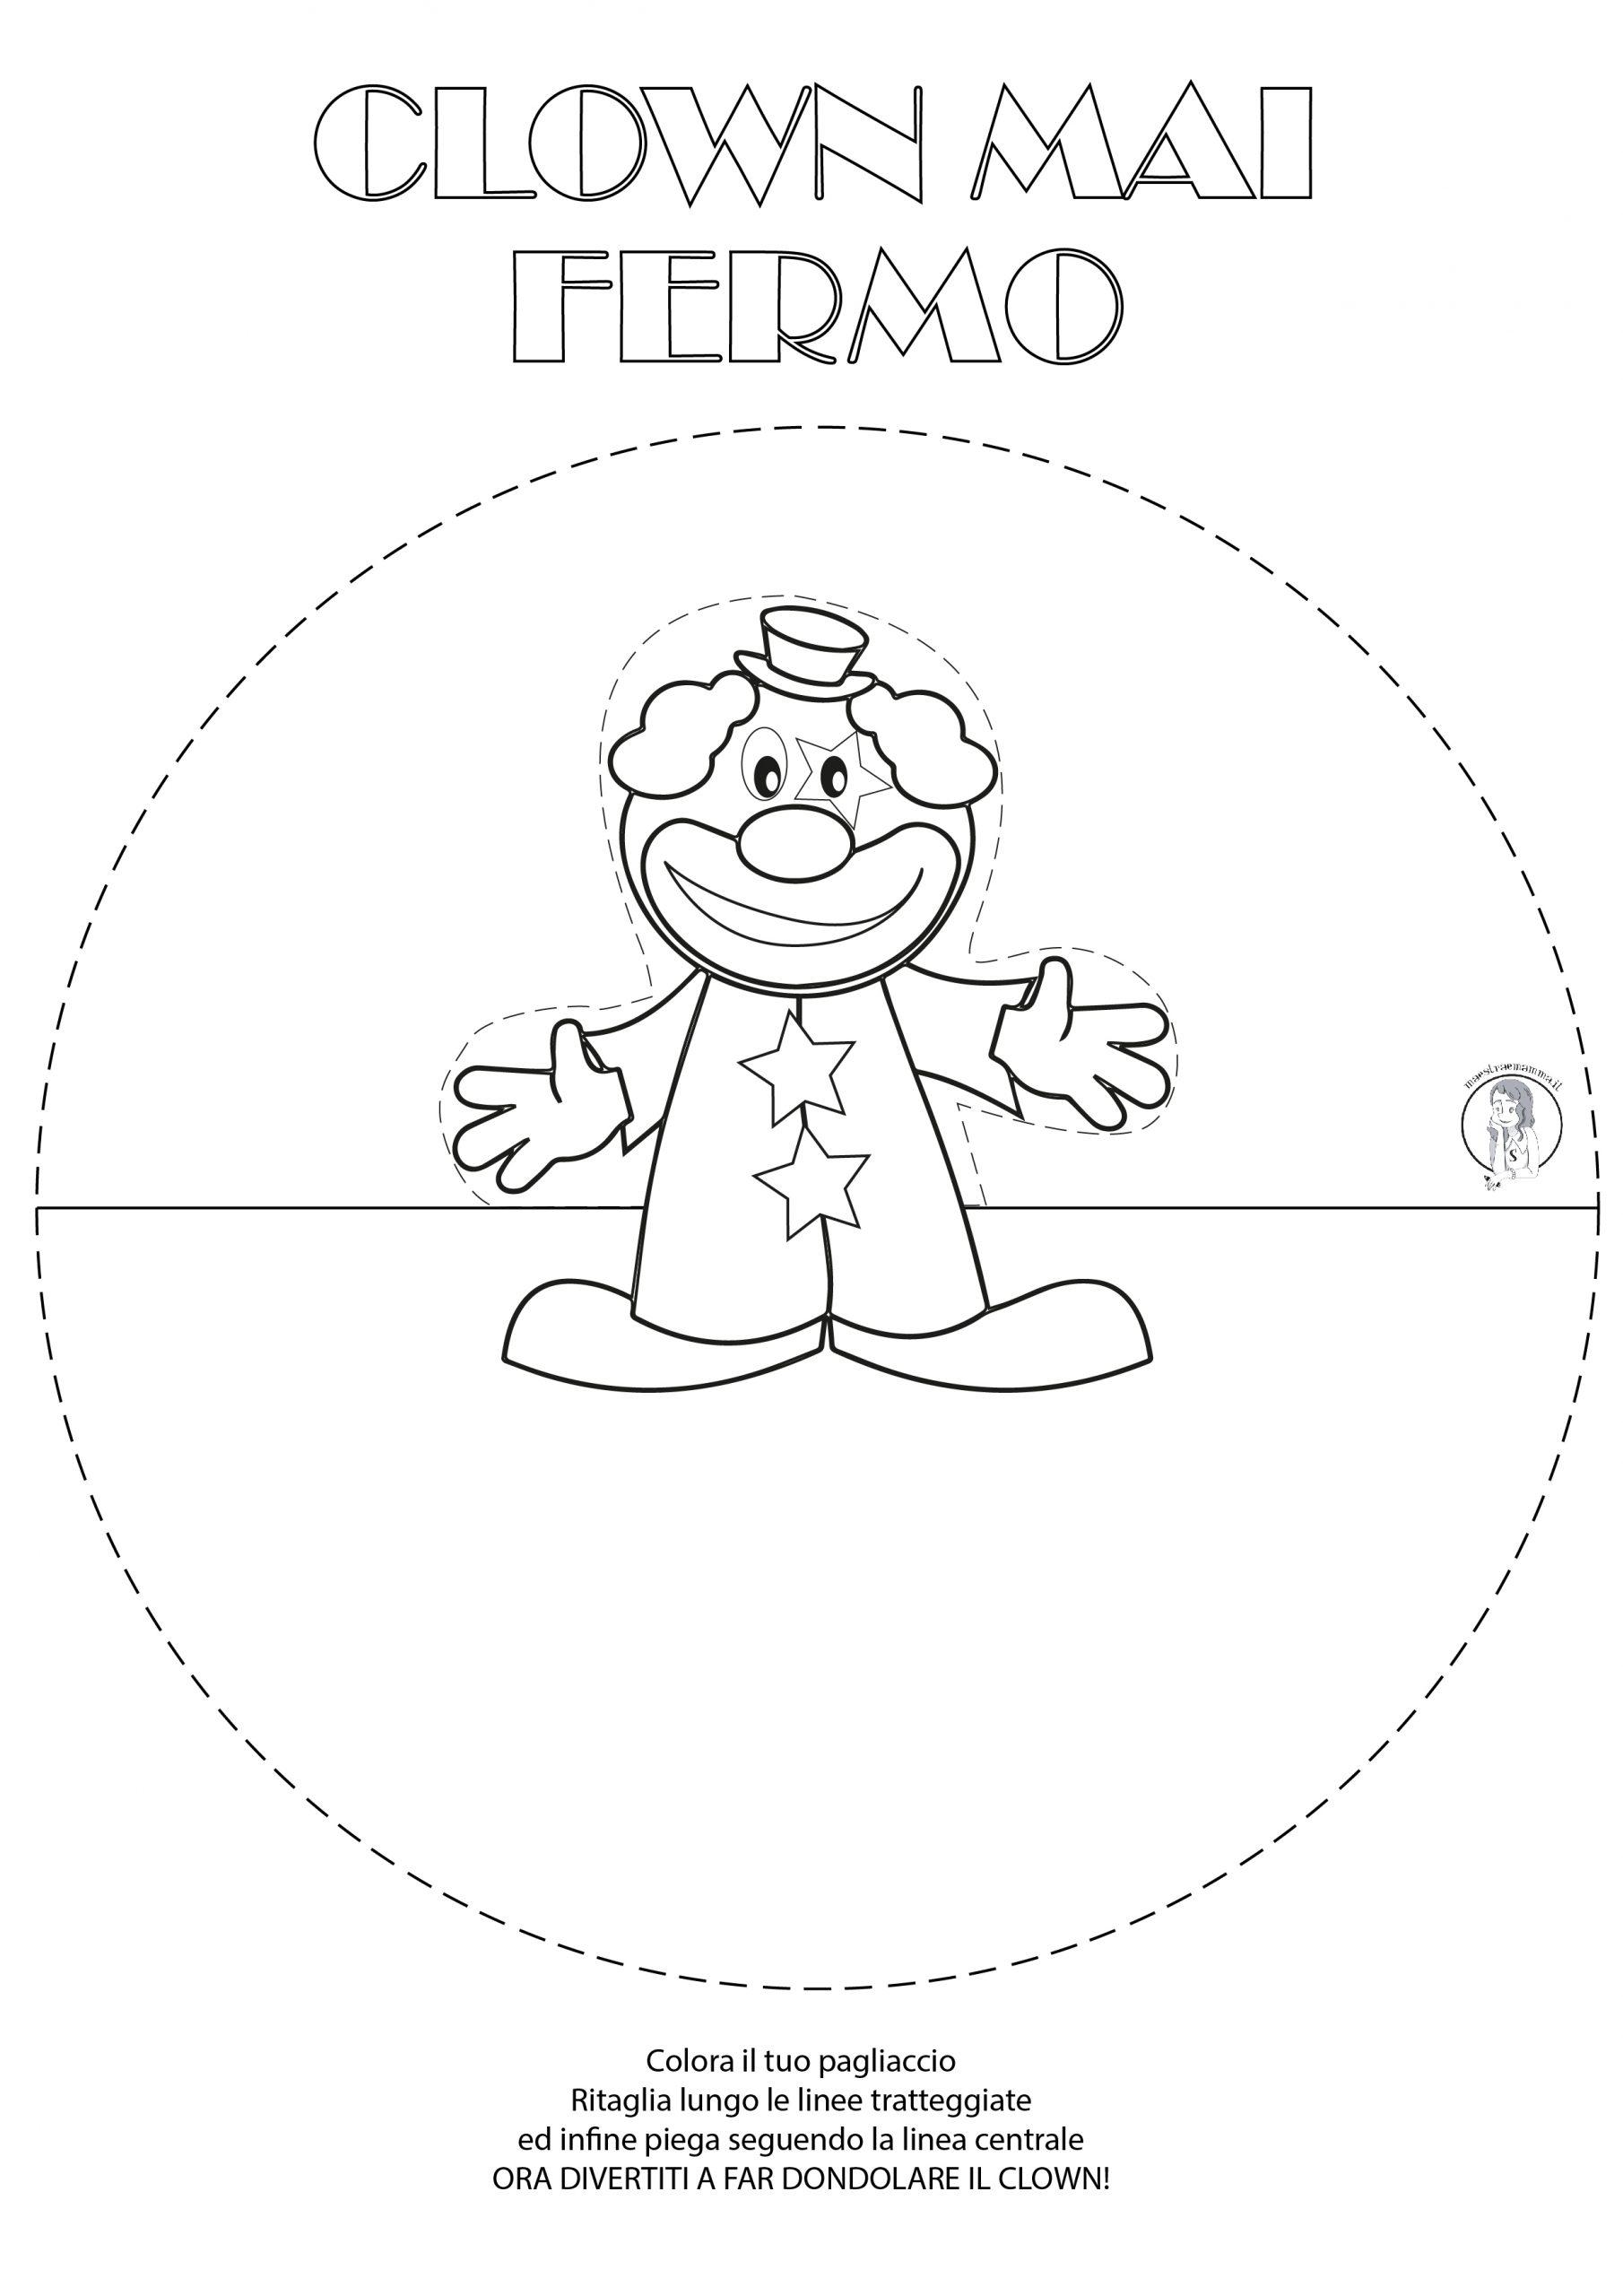 Lavoretto per Carnevale semplice per bambini: clown che dondola pagliaccio